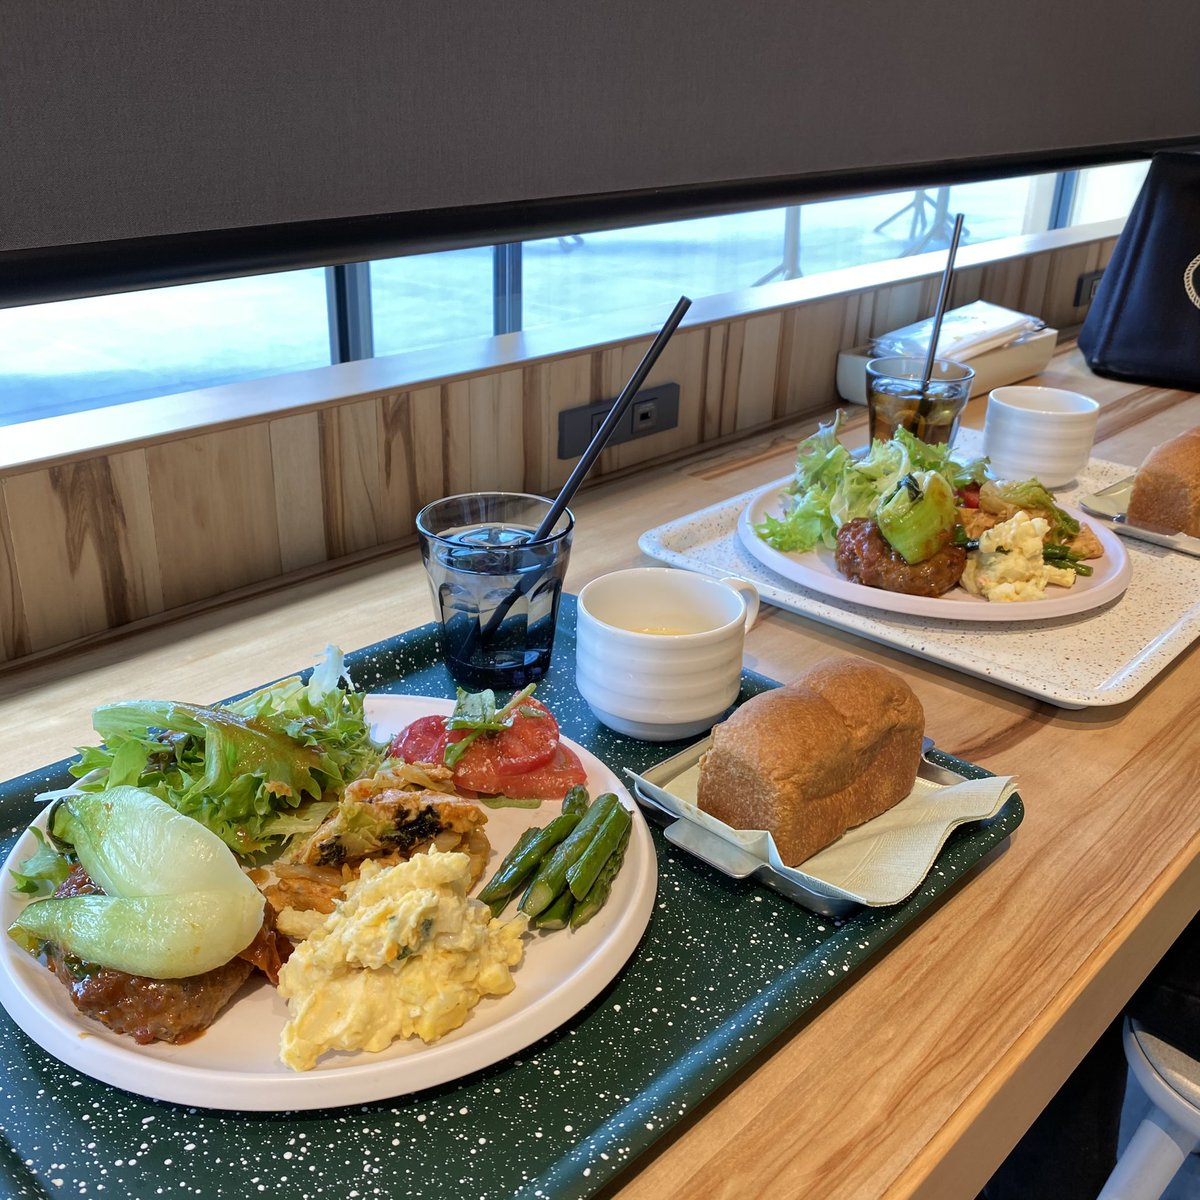 test ツイッターメディア - #せっかくフォトグルメ . 静岡県浜松市にあるスイーツバンク 有名なうなぎパイをつくってる春華堂さんのカフェ! 自分で選べるランチプレートが美味しすぎる! うなぎパイはもちろん、スイーツも売ってます!! https://t.co/zhaEgsszFb